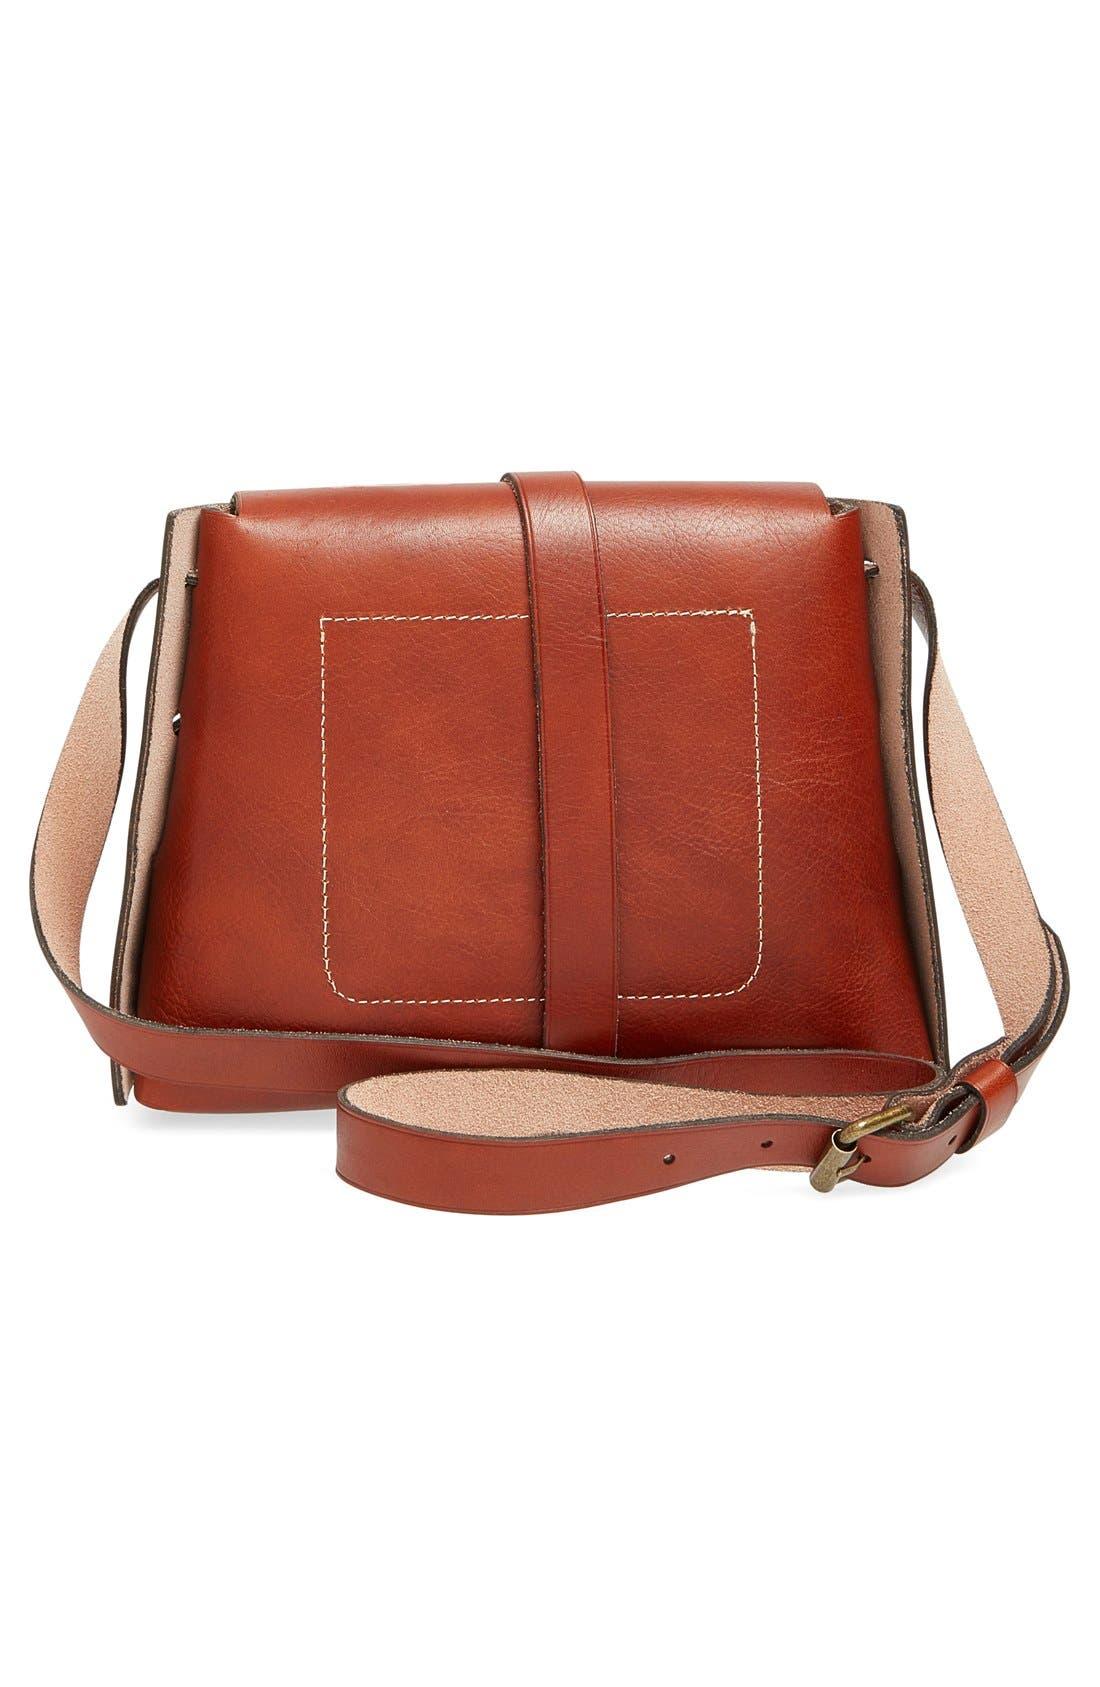 Alternate Image 3  - Patricia Nash 'Frattini' Crossbody Bag